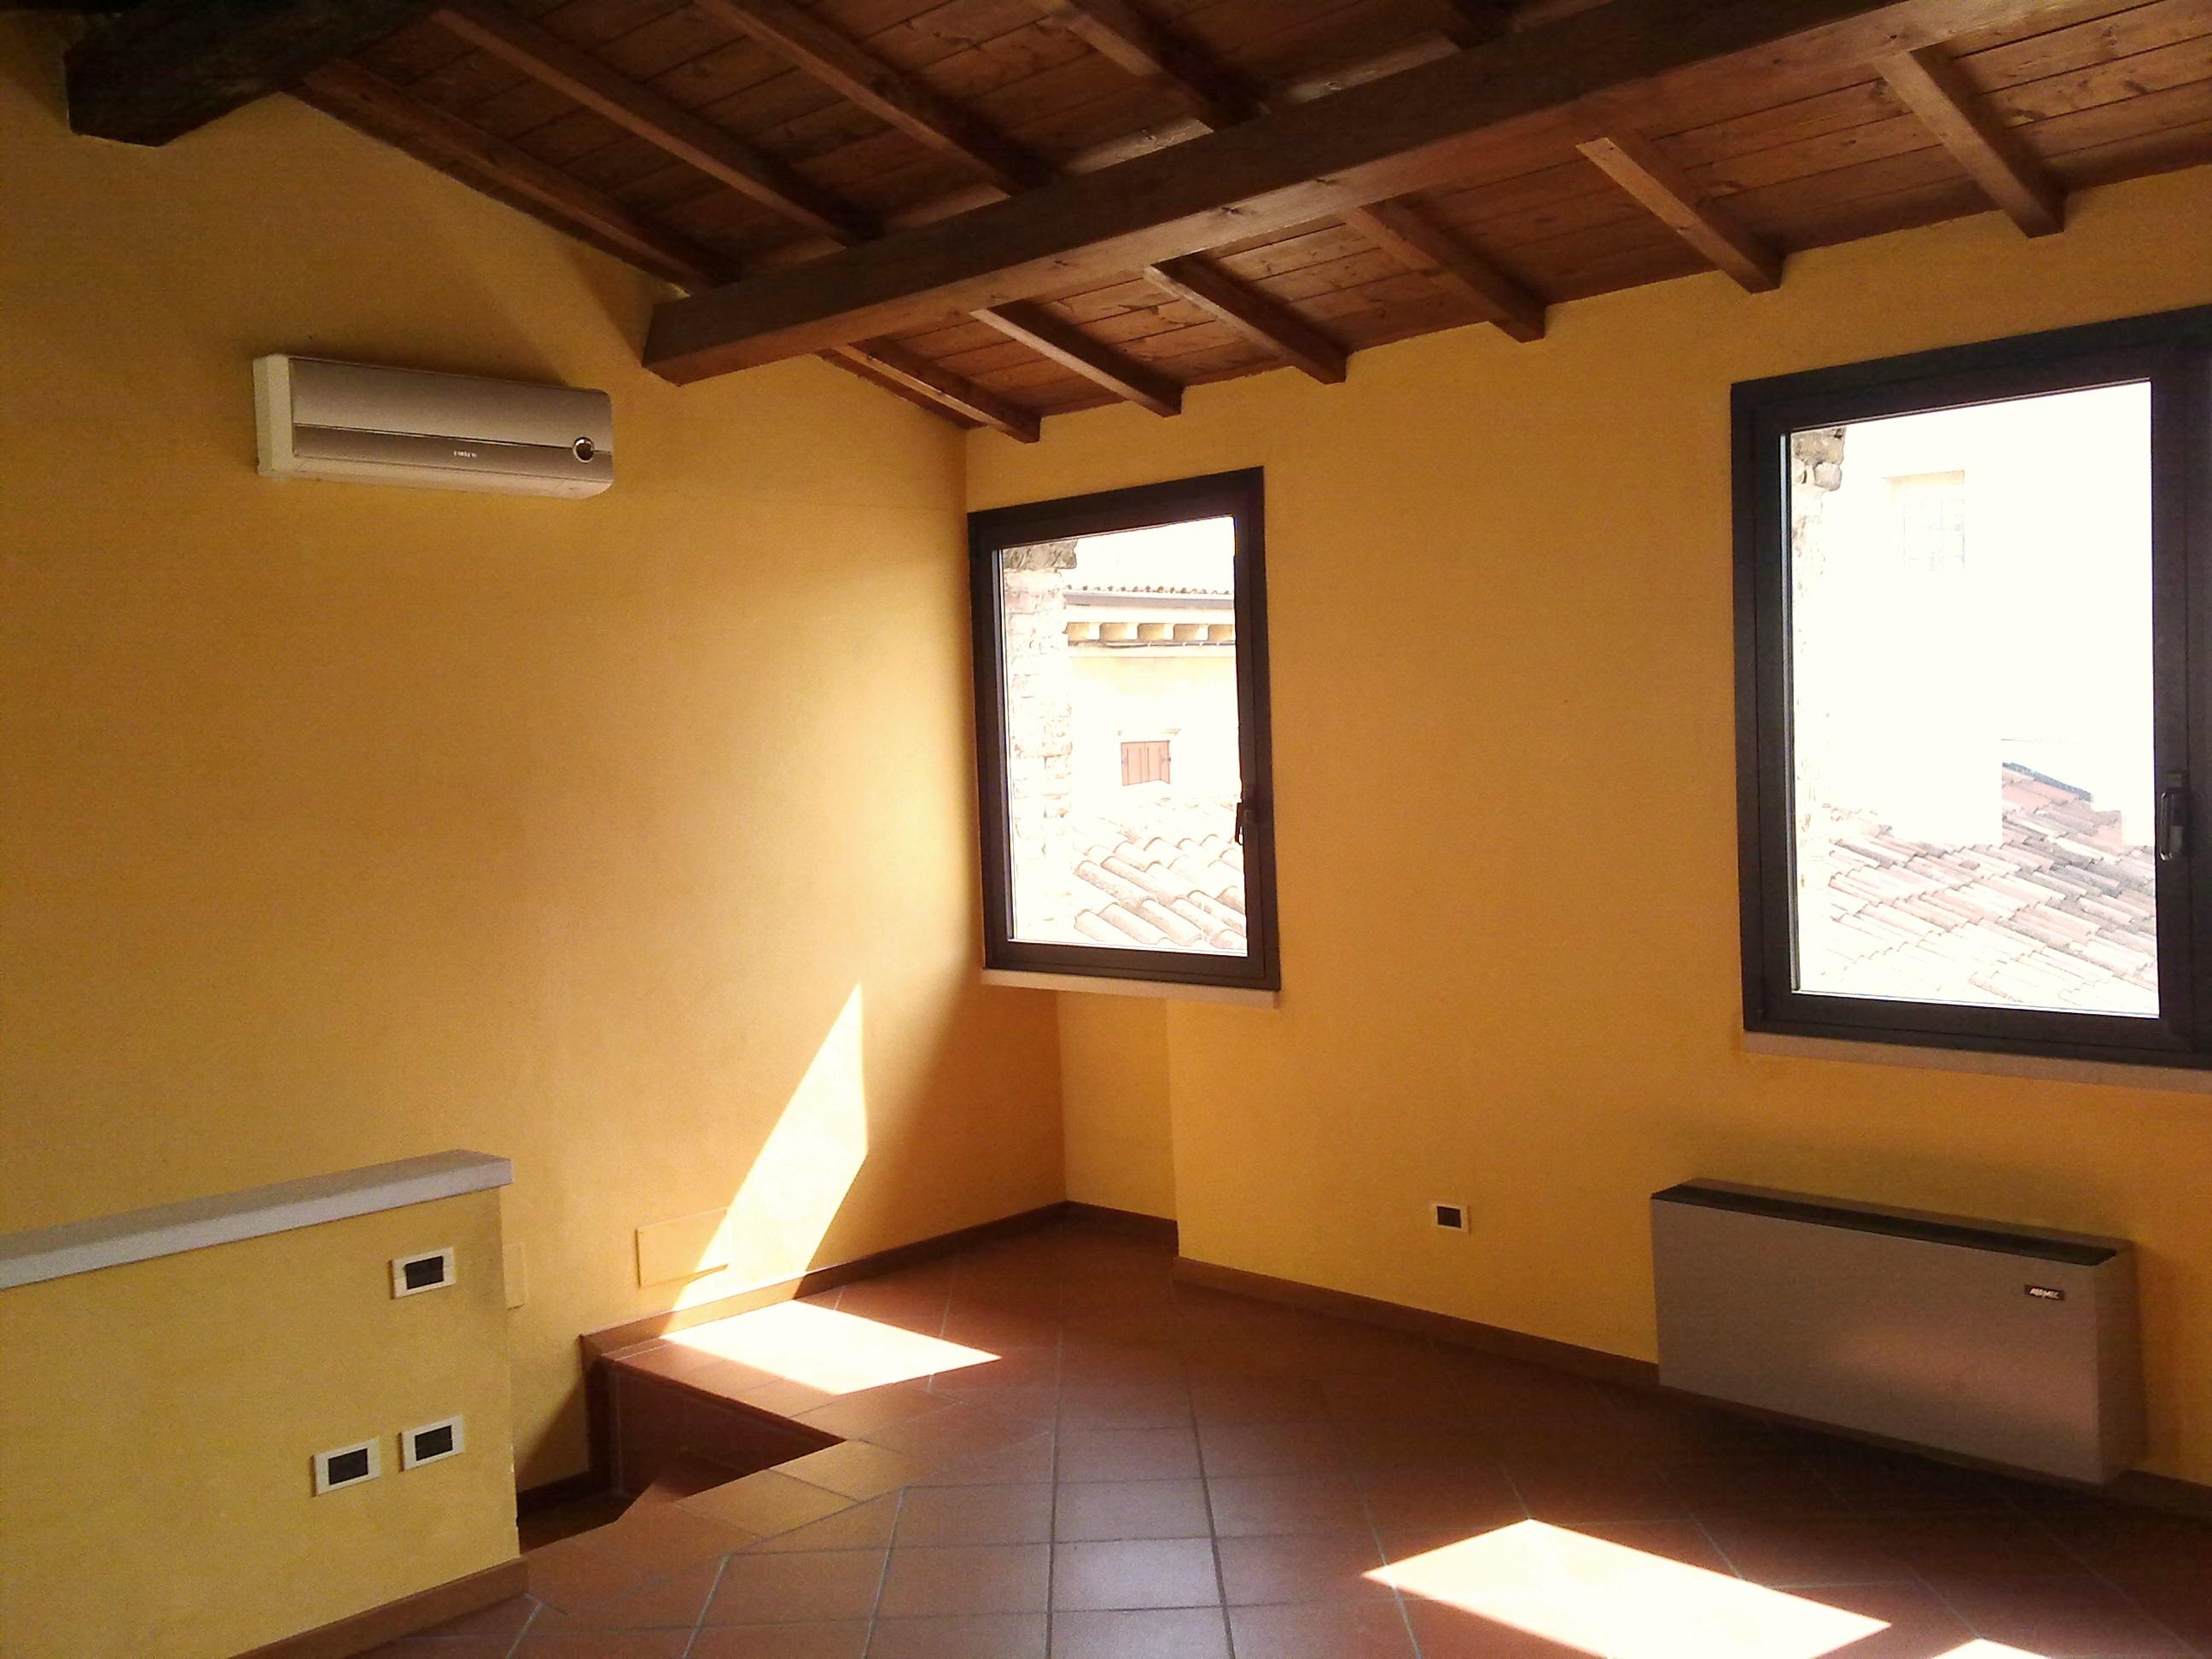 San-Giovanni-Lupatoto,-recente-appartamento-con-tre-camere-e-doppi-servizi-C034 C069 AFFITTO APPARTAMENTO IN CENTRO STORICO A VERONA